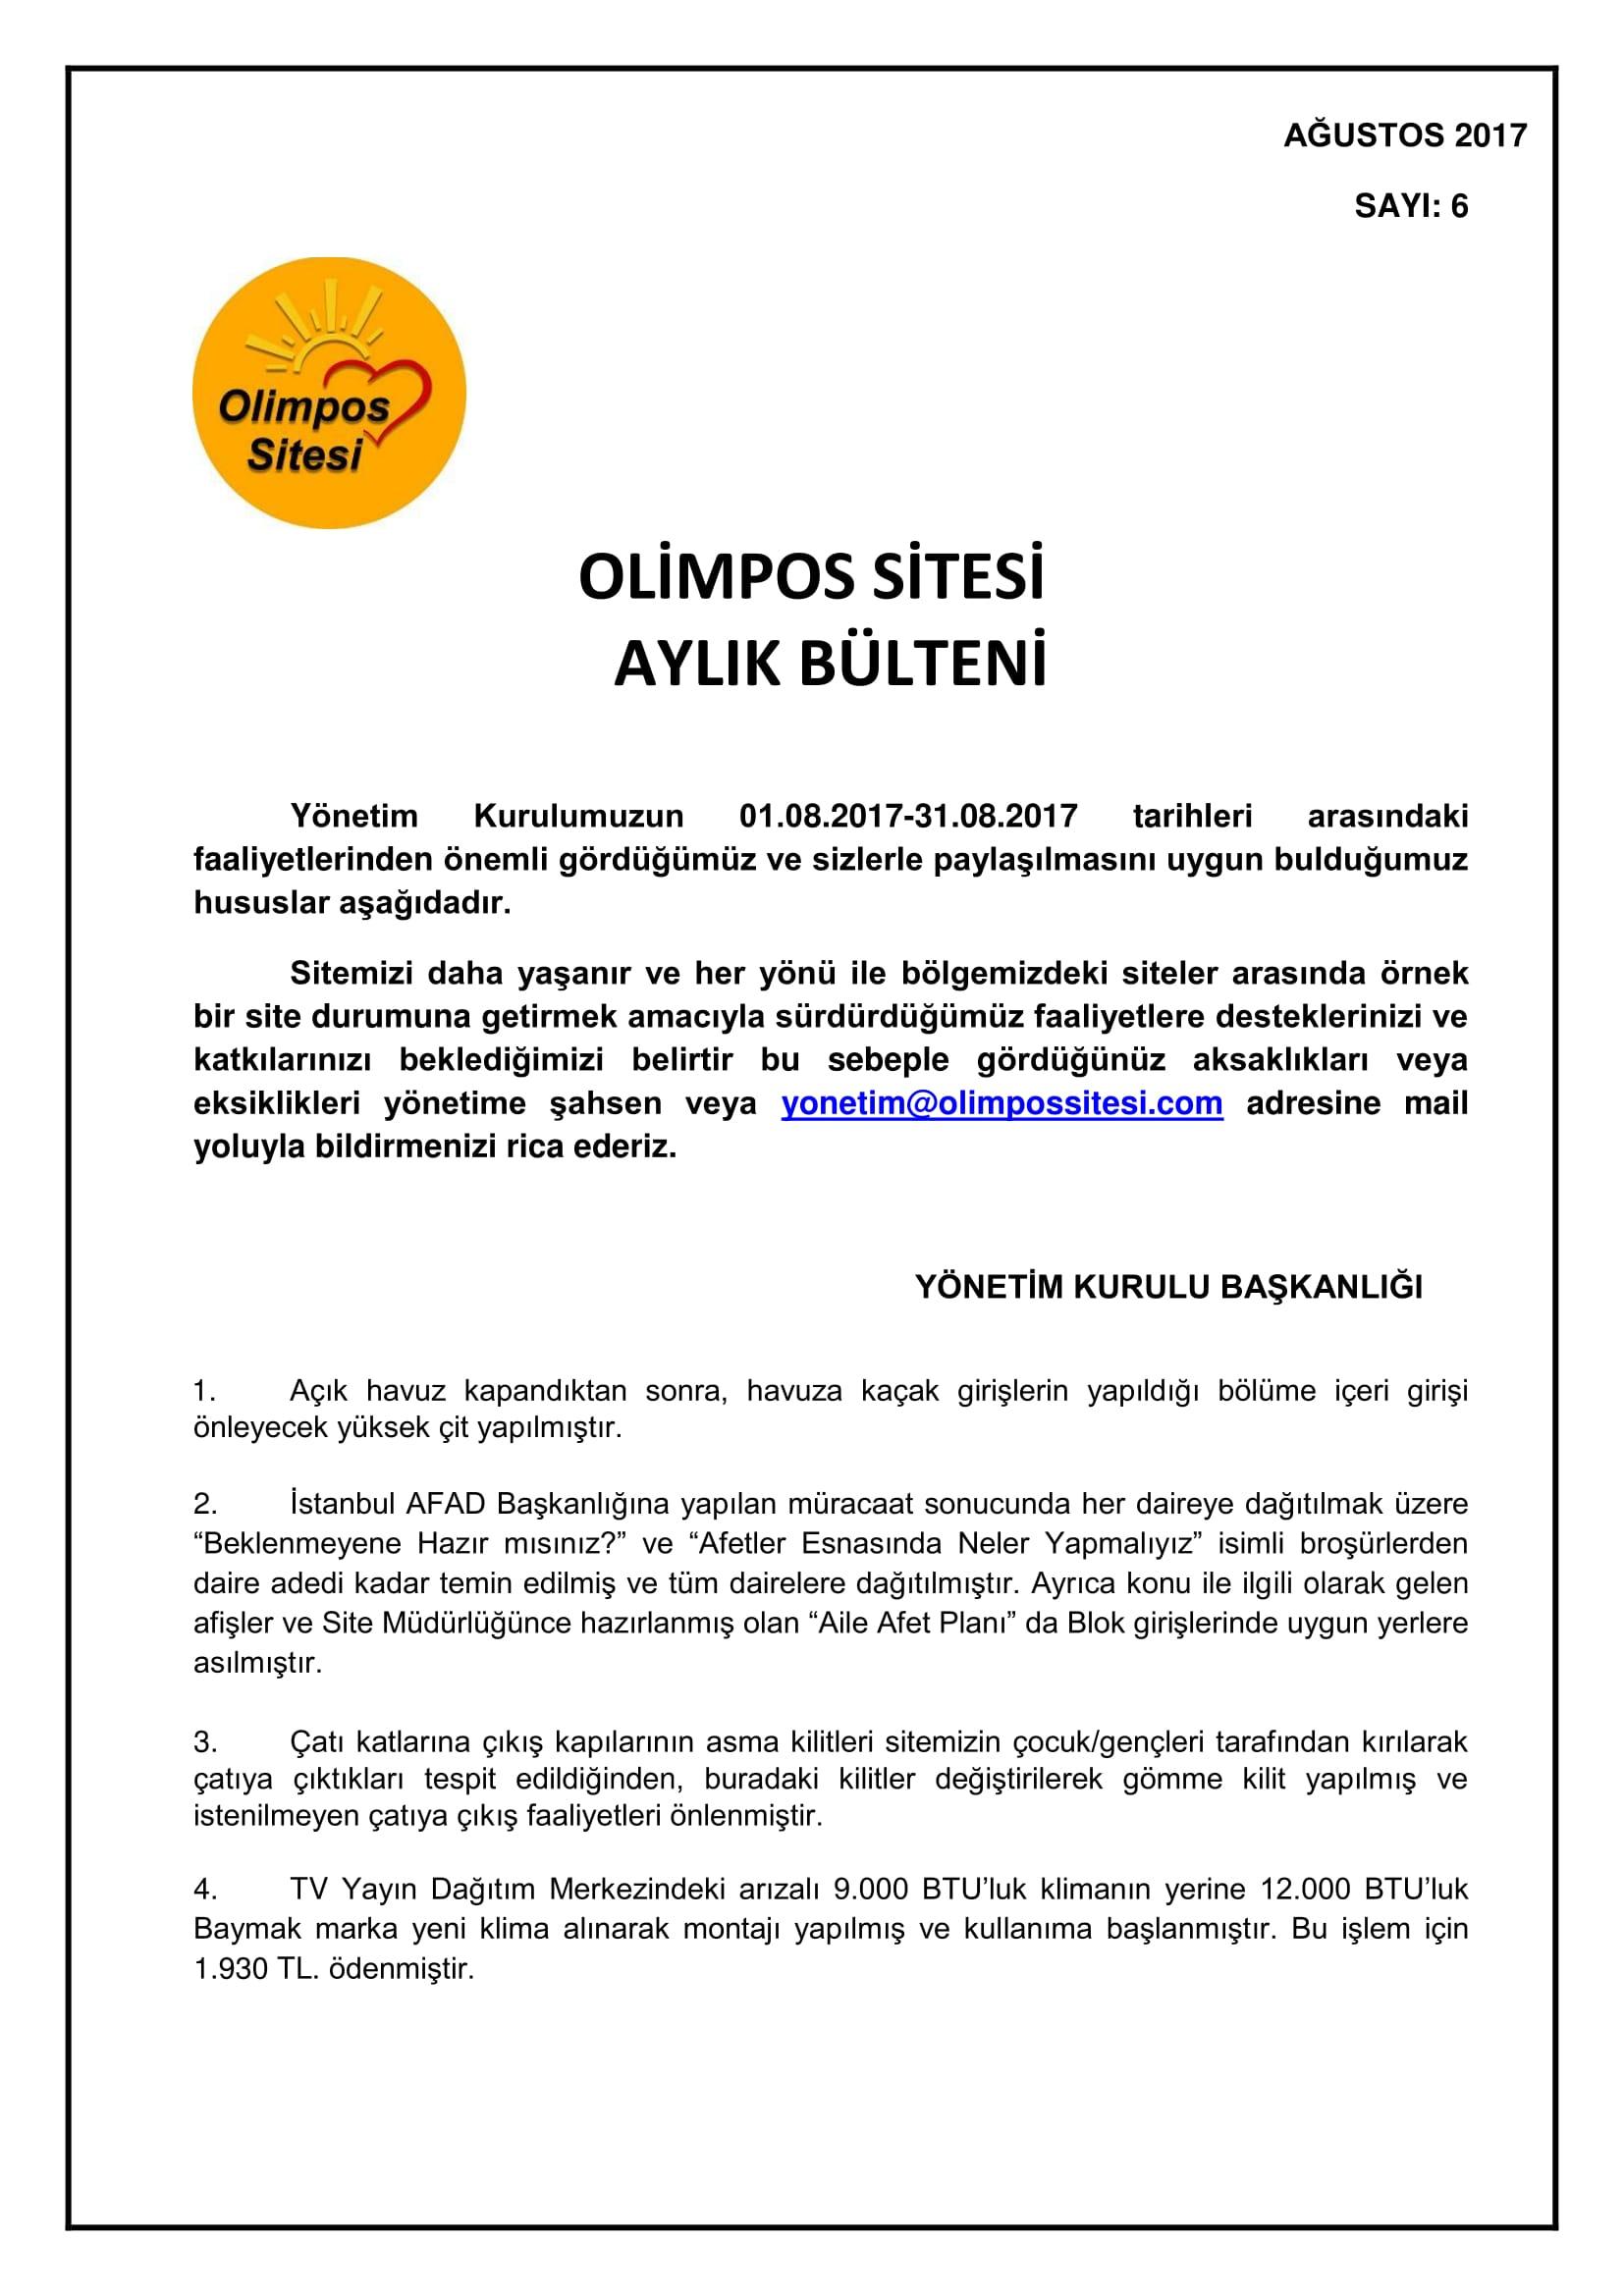 01.08.2017 AĞUSTOS-2017 BÜLTEN ok-1